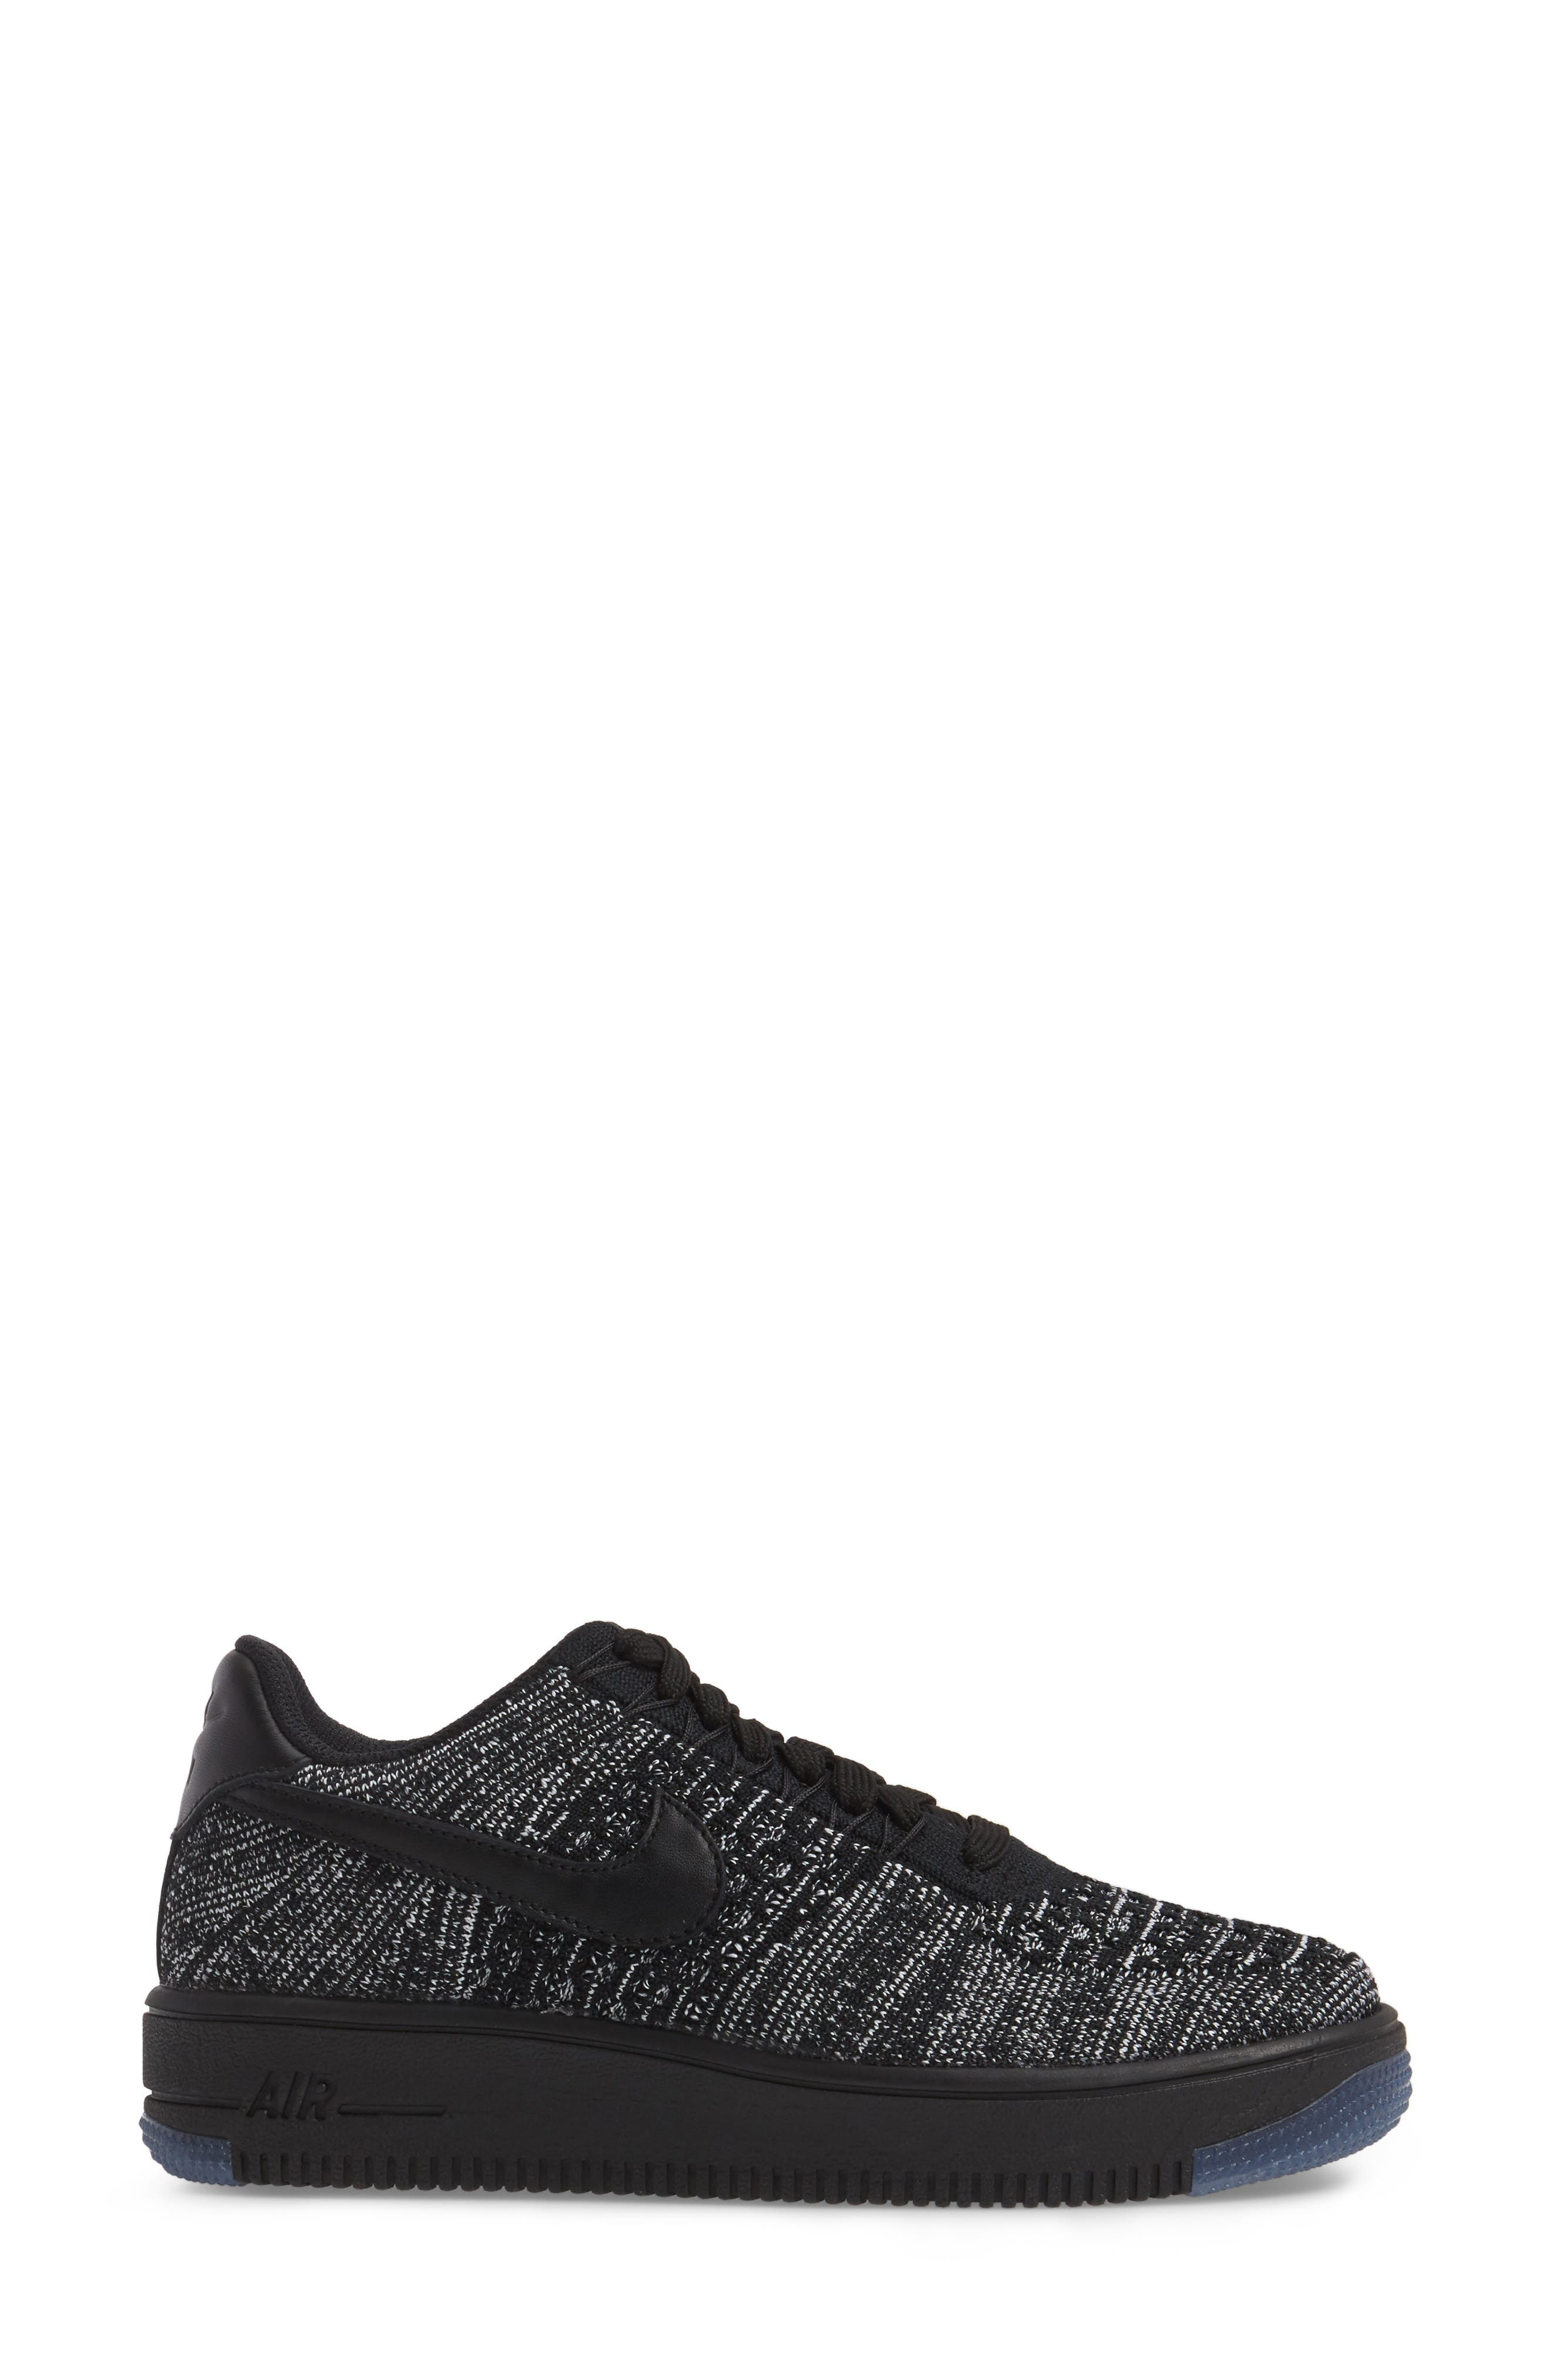 Alternate Image 3  - Nike 'Air Force 1 Flyknit Low' Sneaker (Women)